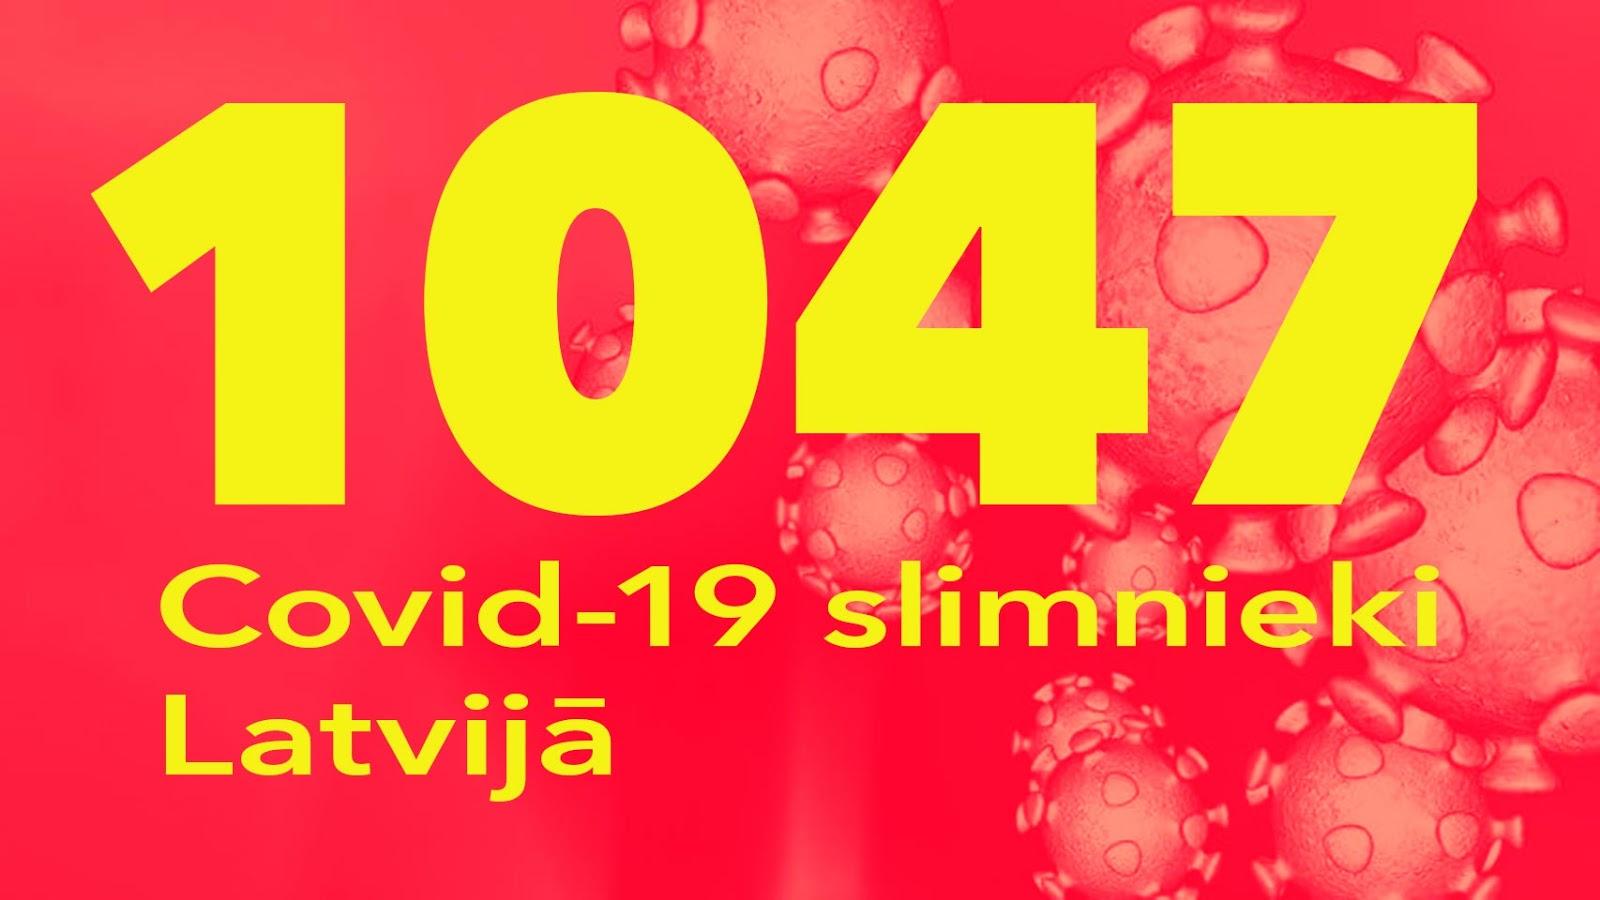 Koronavīrusa saslimušo skaits Latvijā 24.05.2020.